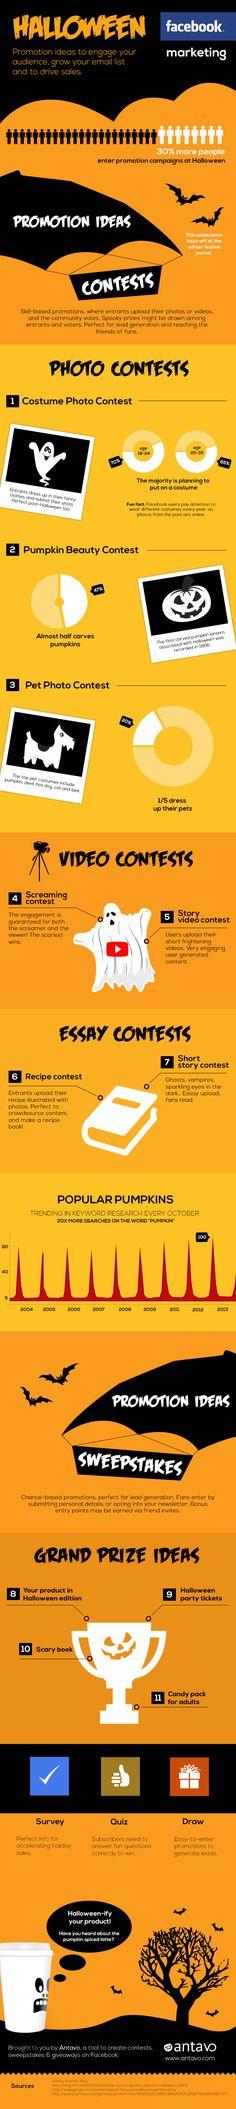 """¿Sabías que el 30% de los usuarios participan en campañas """"terroríficas""""? Descubre cómo aprovechar el tirón de #Halloween para tu estrategia de marketing online. #Infografía #SocialMedia"""